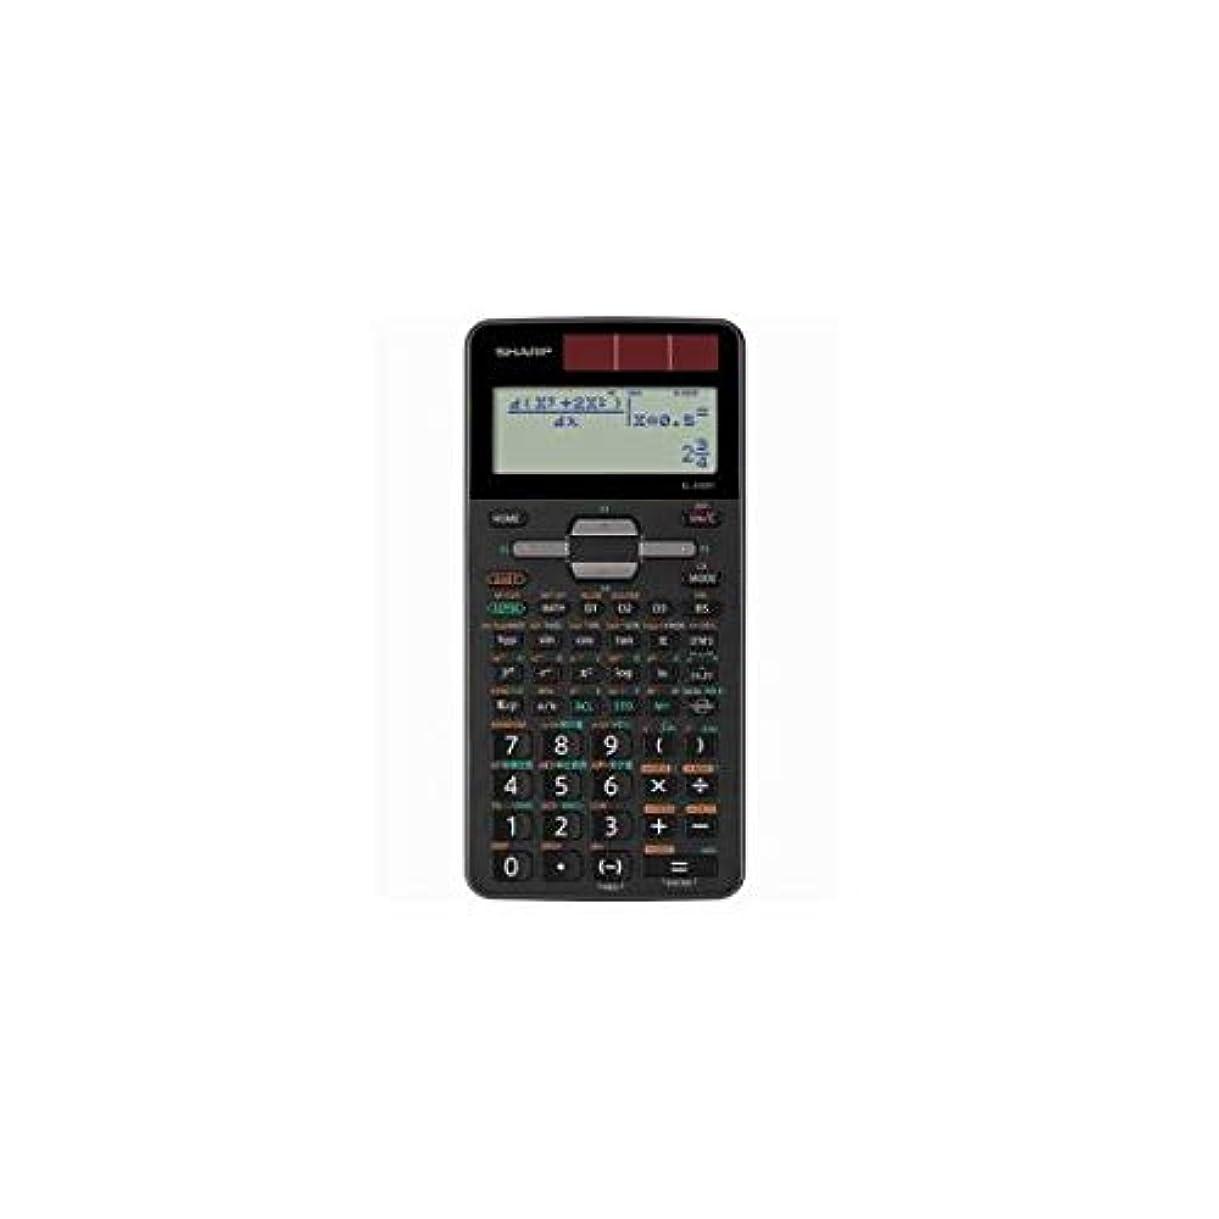 決定解釈するアニメーションSHARP EL-5160TX プログラマブル関数電卓 710関数エキスパートモデル 生活用品 インテリア 雑貨 文具 オフィス用品 電卓 14067381 [並行輸入品]